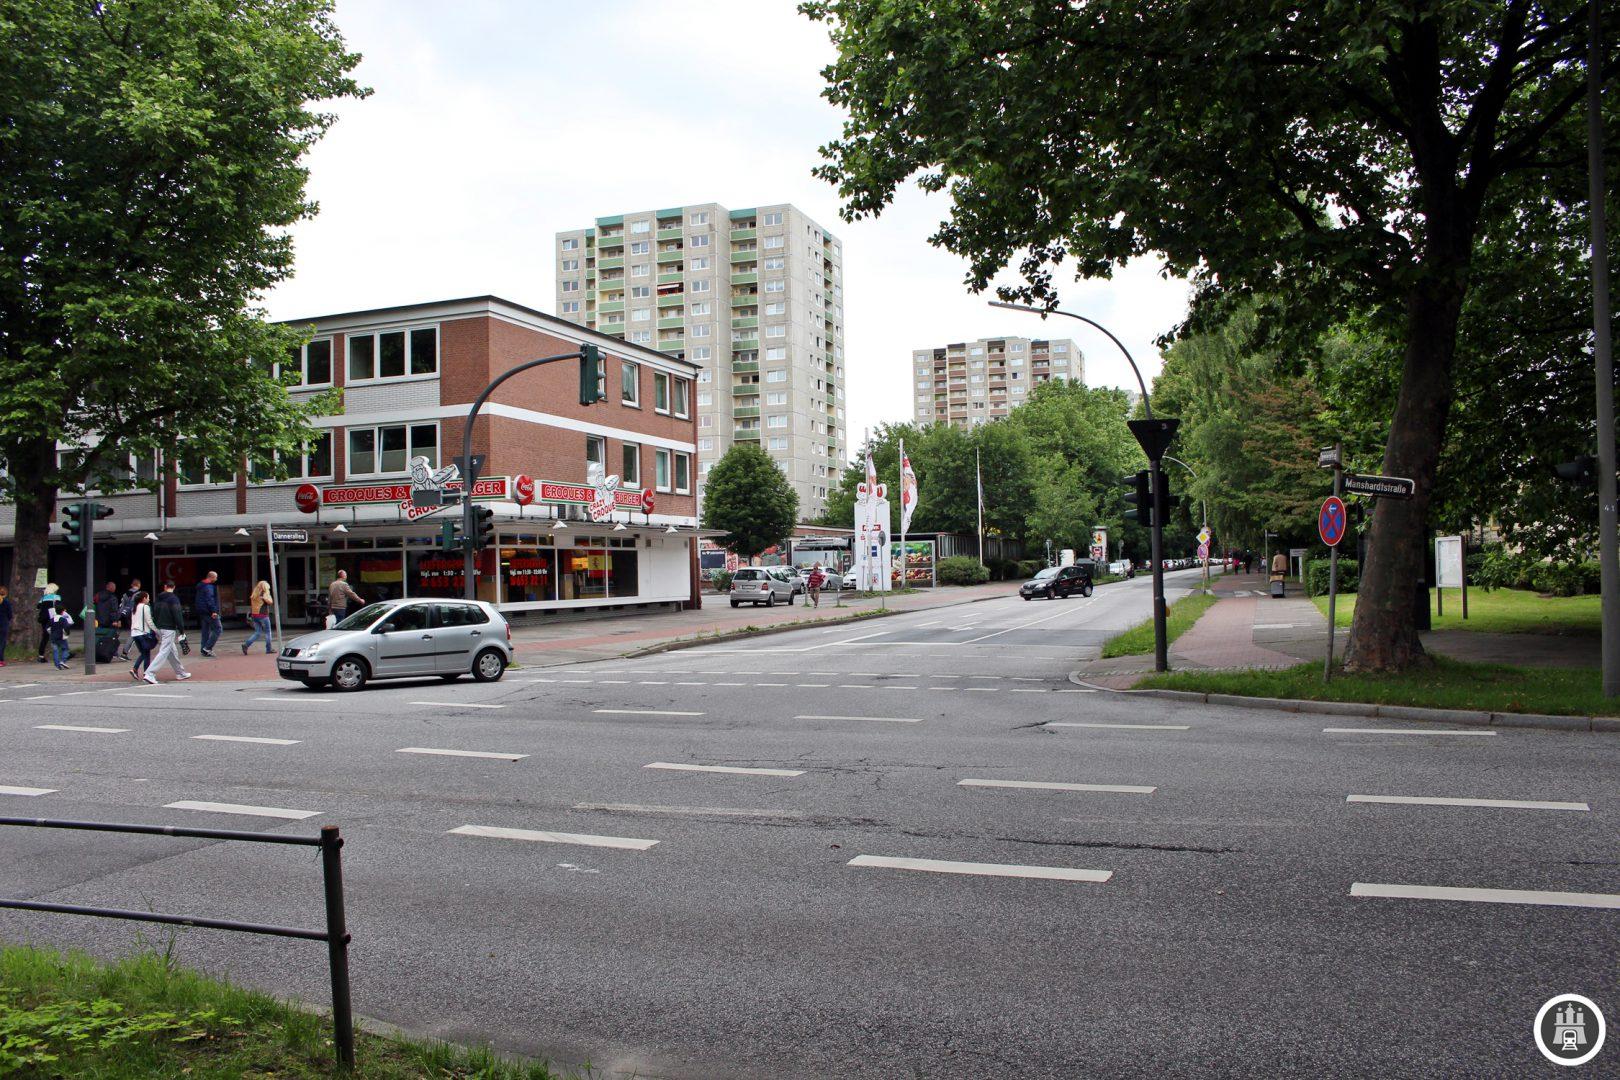 Geht man von der Haltestelle Manshardtstraße östlich in die namensgebende Straße erreicht man die künftige U4-Trasse. In einigen Jahren soll die U4 hier an der Danneralle enden.